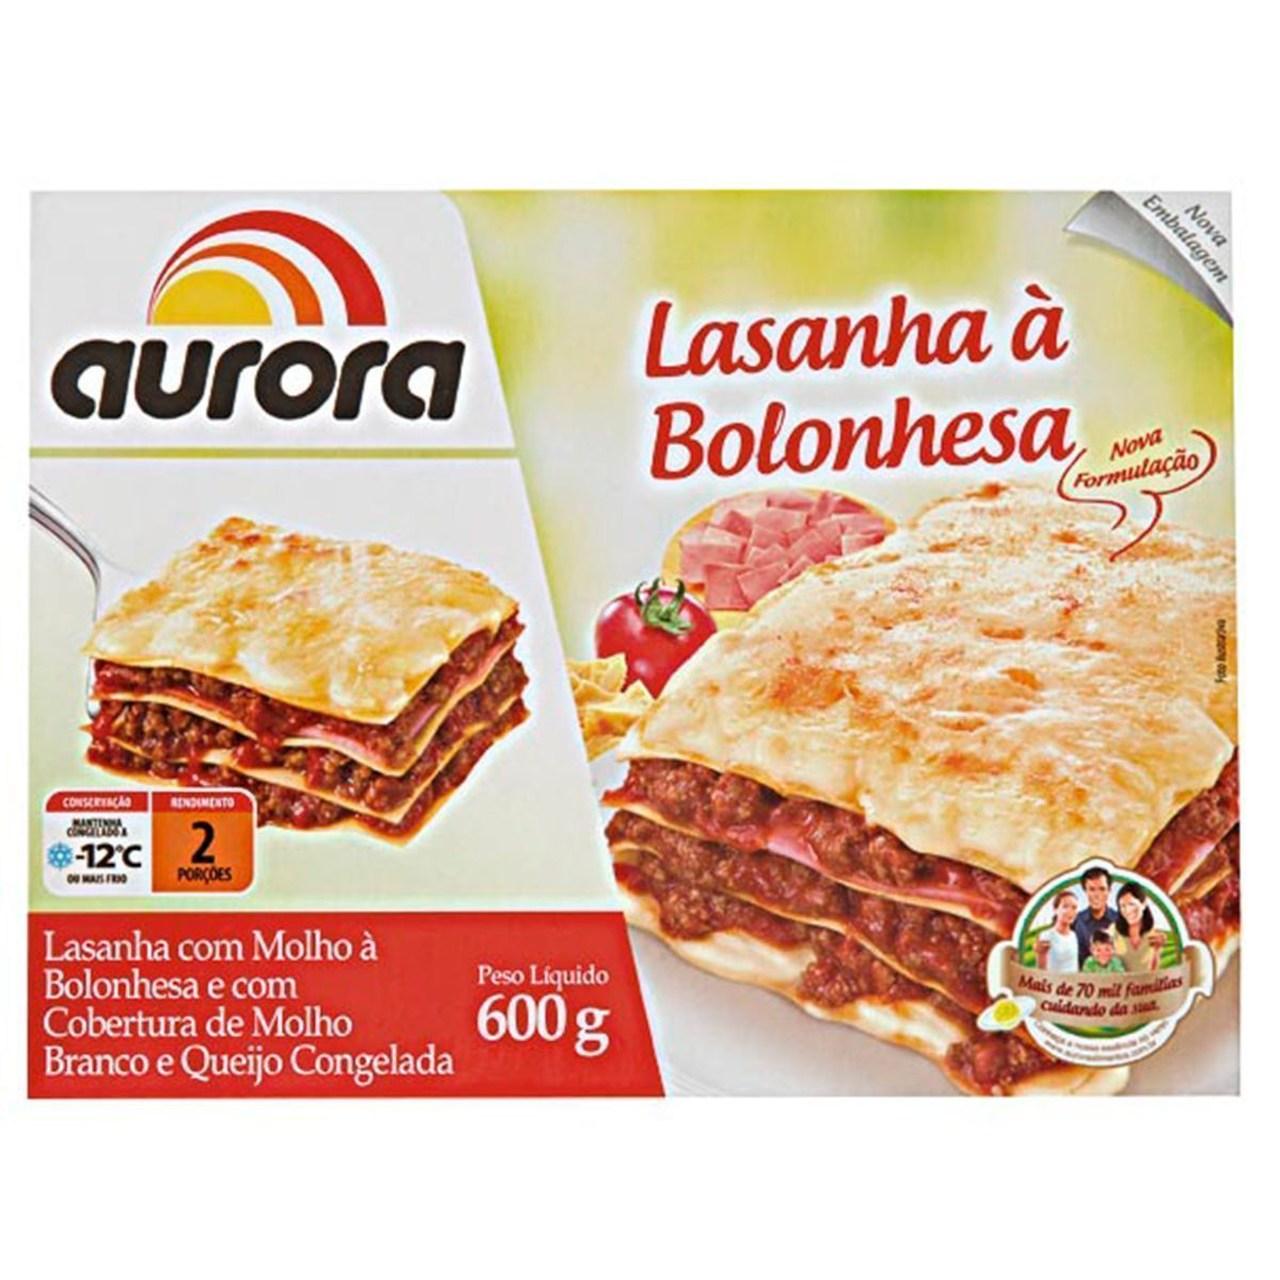 LASANHA BOLONHESA AURORA 600G  - JJPIVOTTO - Comercio de Frutas